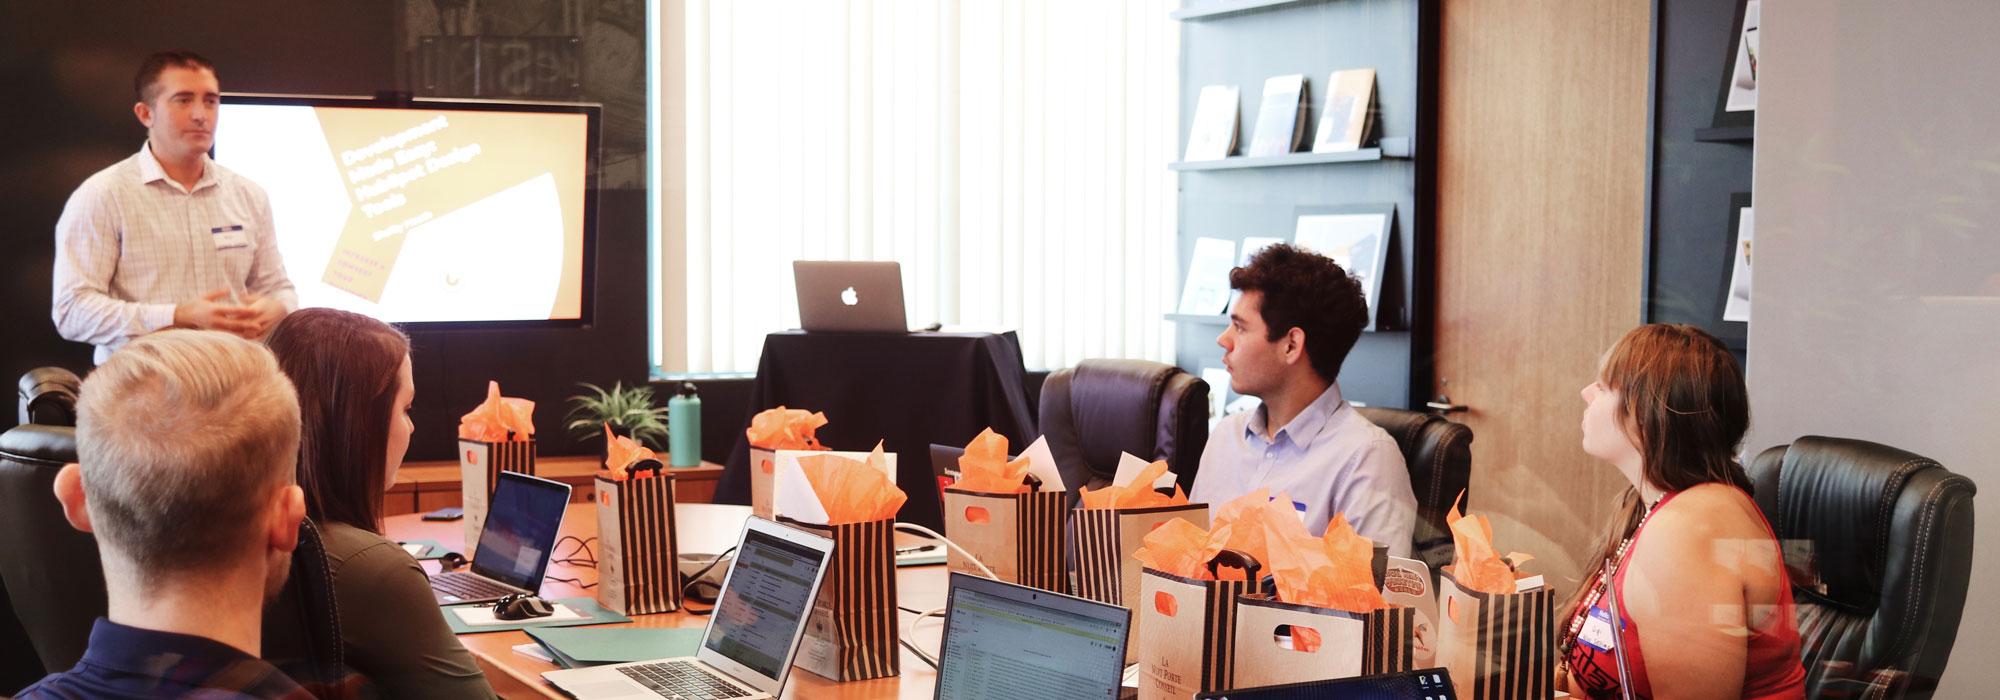 Foto af person der holder oplæg for en gruppe mennesker, med hver deres computer.